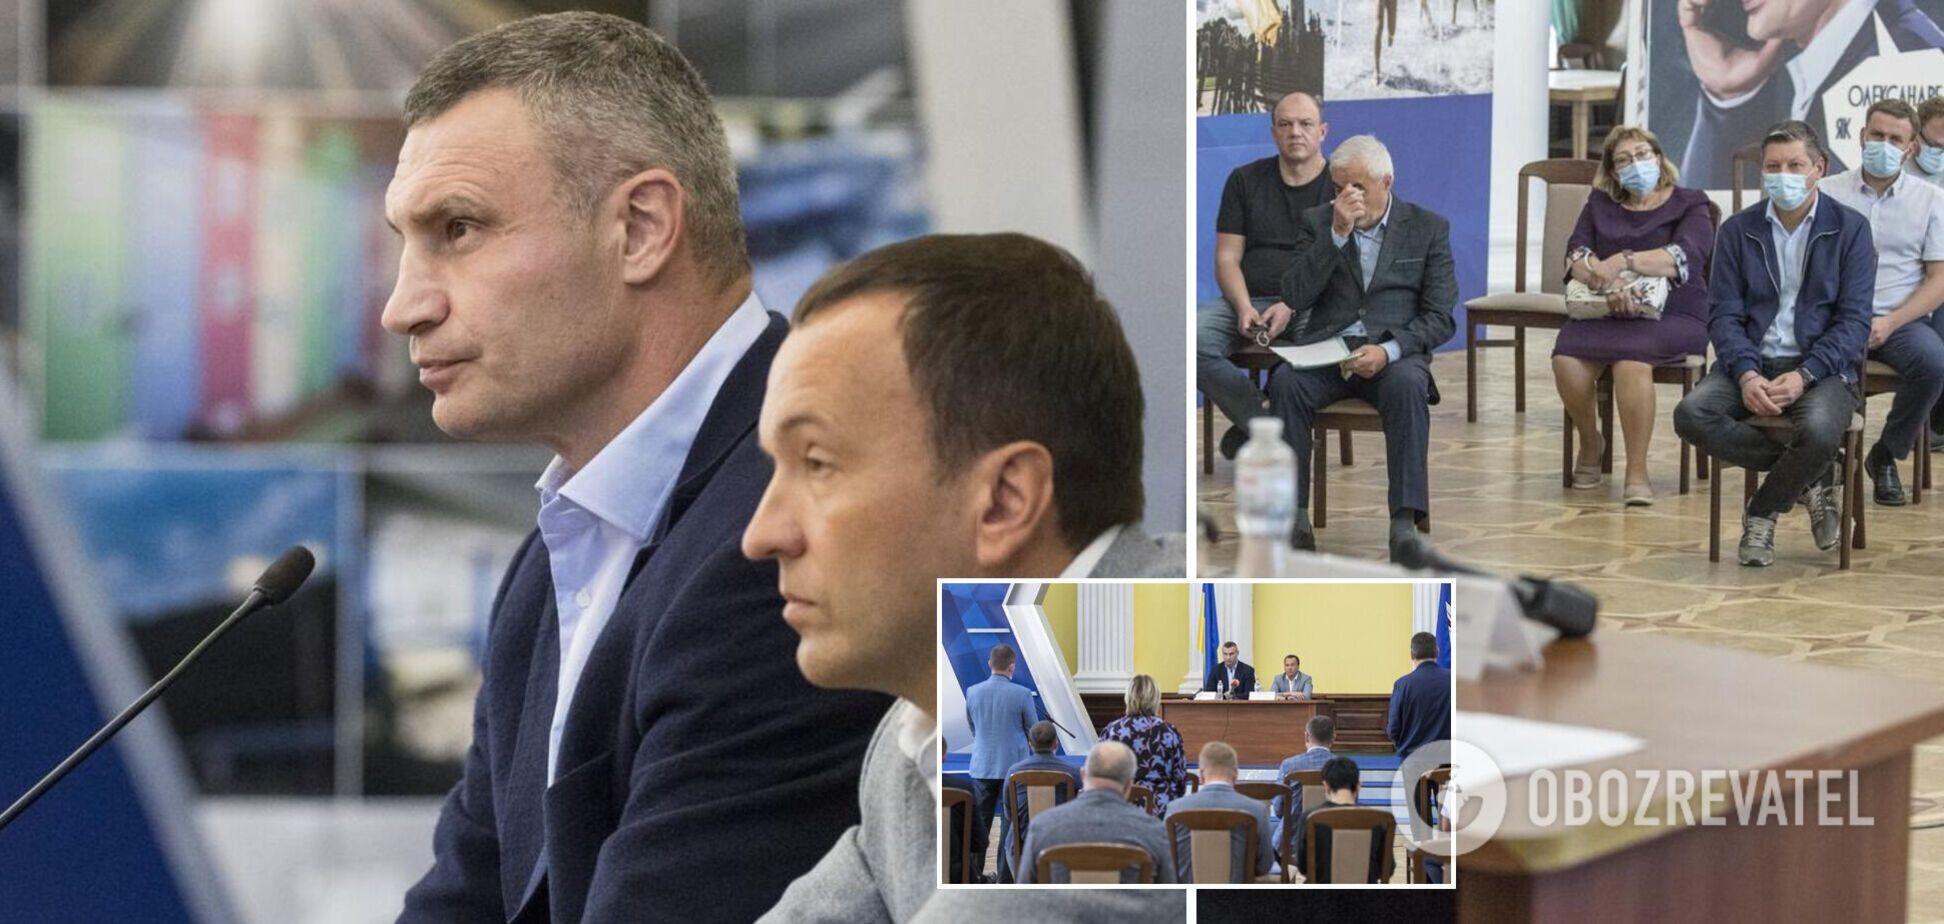 Кличко провів нараду щодо роботи ЖКГ та благоустрою: що доручив главам районів